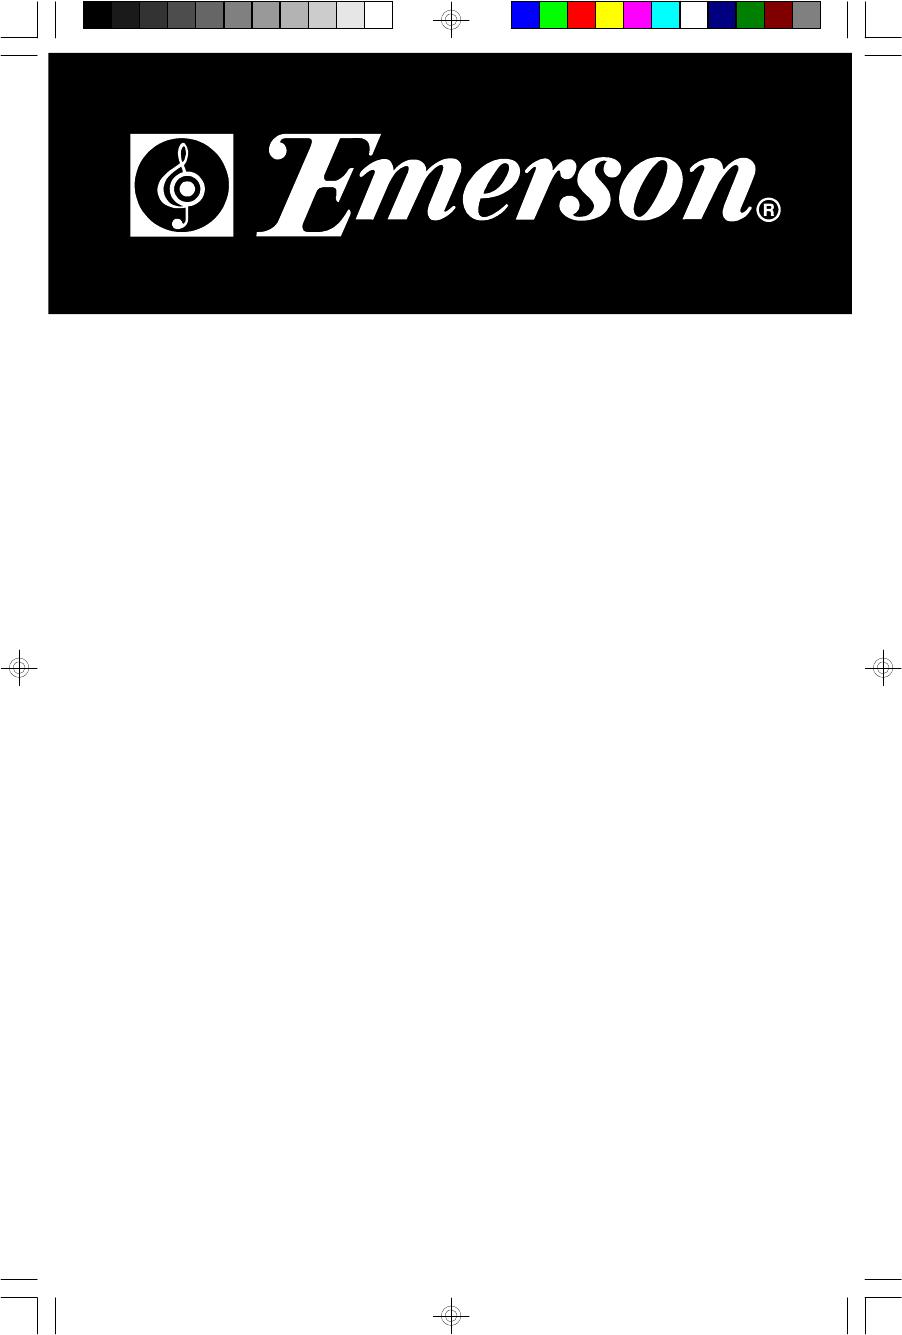 emerson clock radio ckd1100 ckd1100bl ckd1100gn ckd1100pk user rh portablemedia manualsonline com